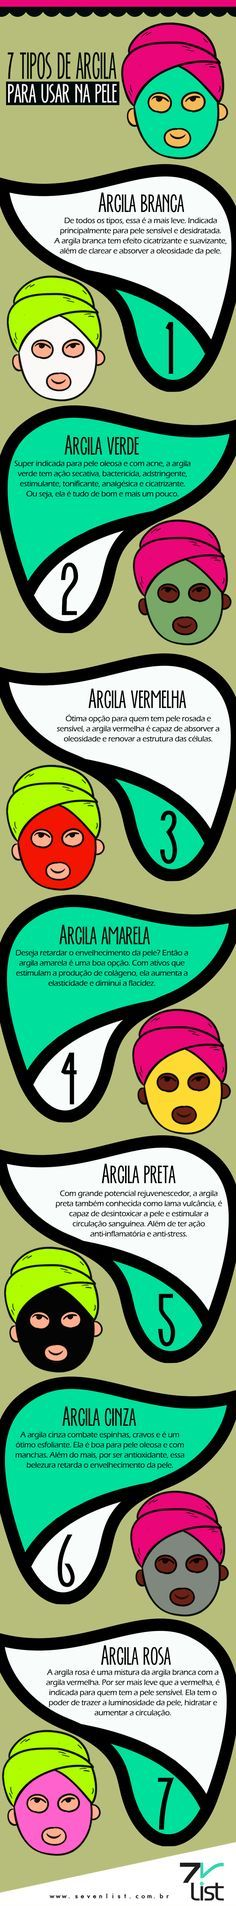 Argila, como usar a Argiloterapia